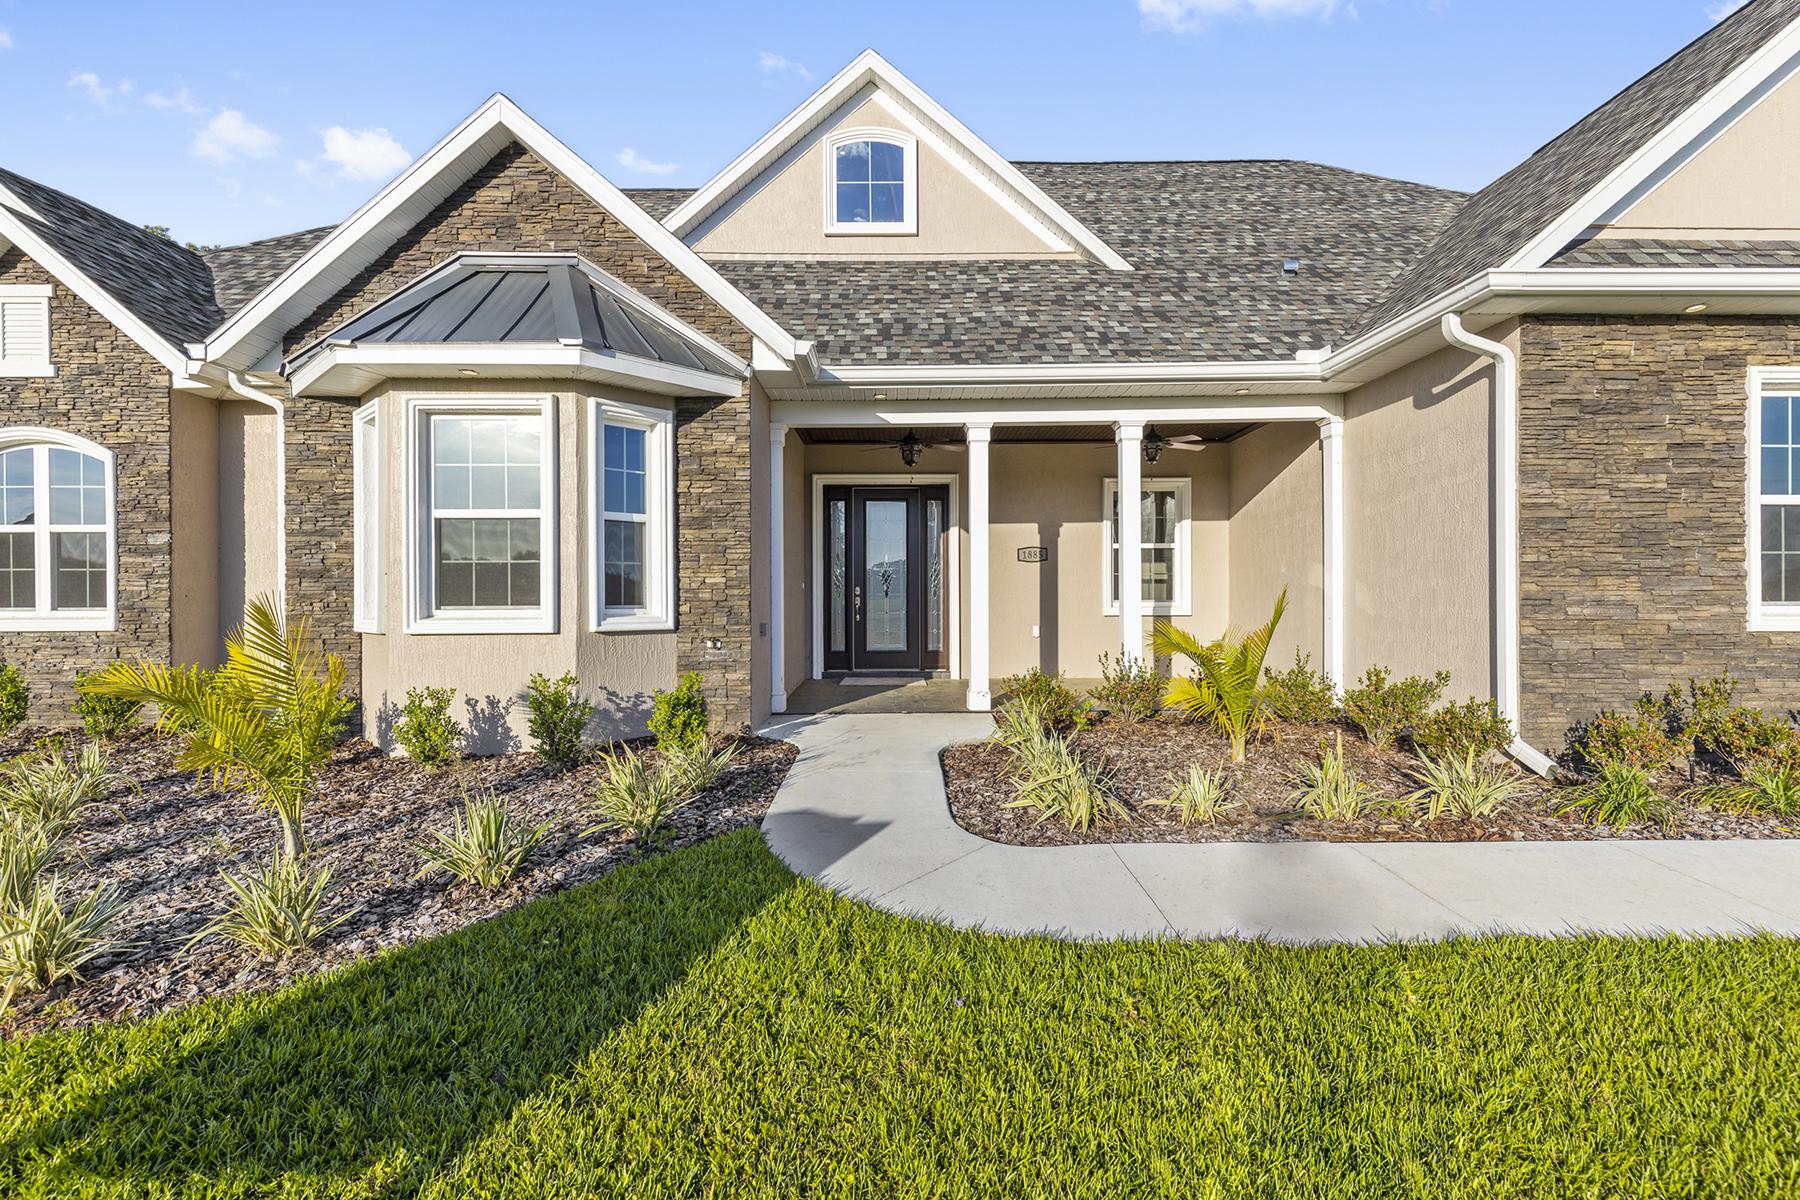 Single Family Homes für Verkauf beim OCALA 1885 Nw 85th Loop, Ocala, Florida 34475 Vereinigte Staaten